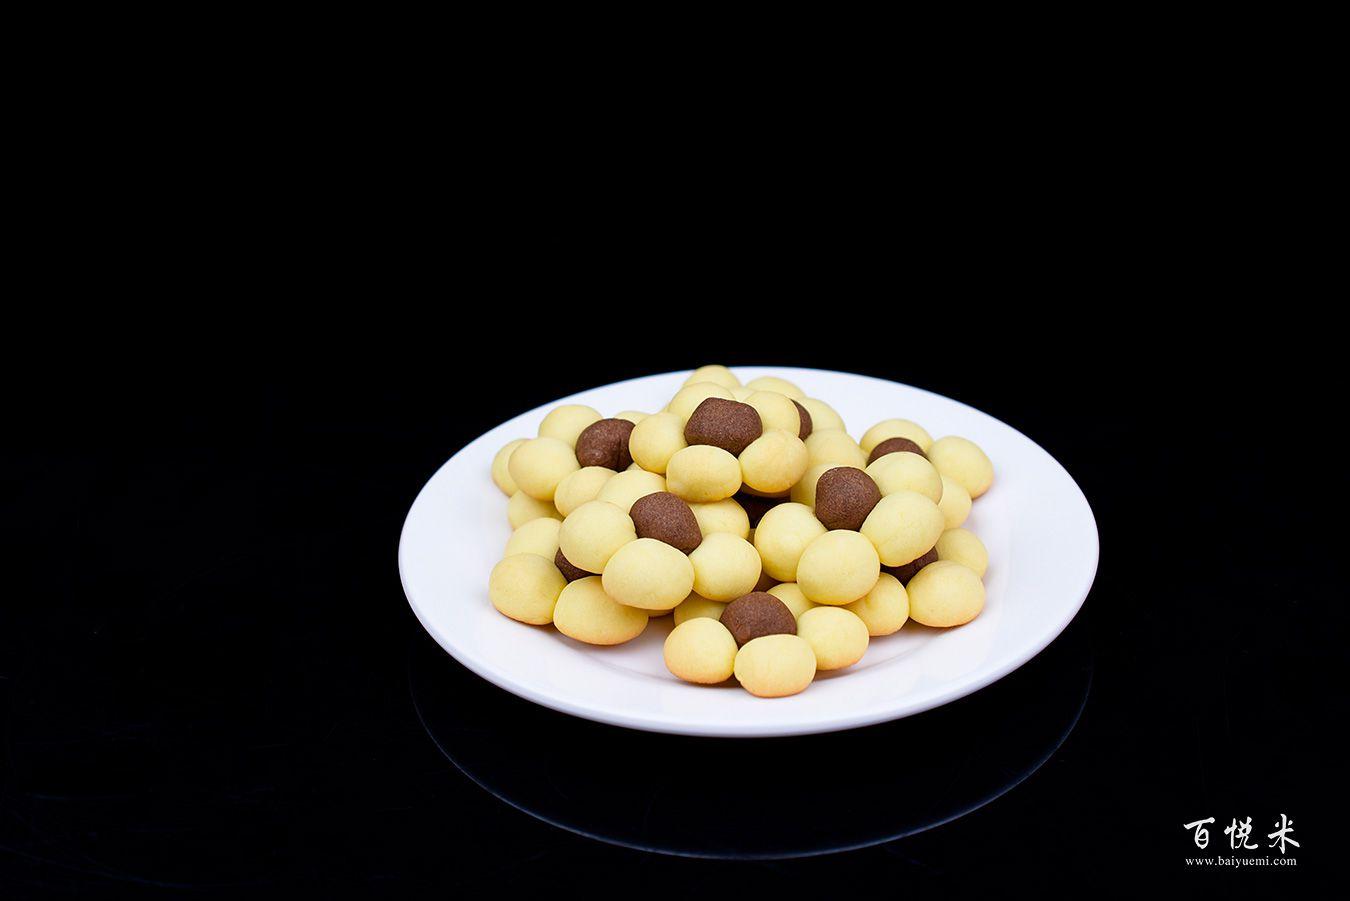 原味花朵饼干高清图片大全【蛋糕图片】_542